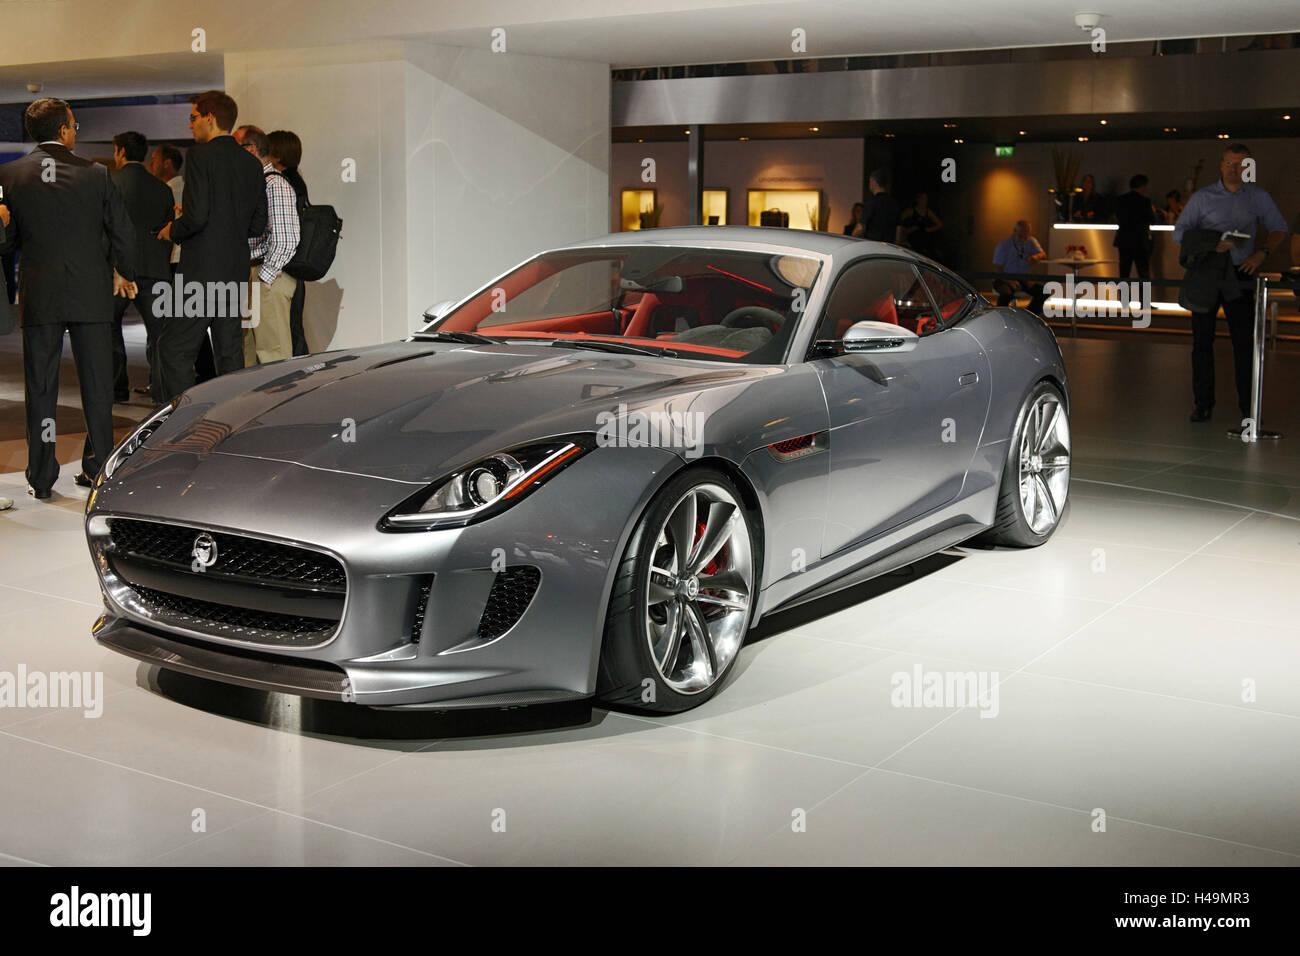 JAGUAR CX Concept Sports Cars International Motor Show Stock - Sports cars international